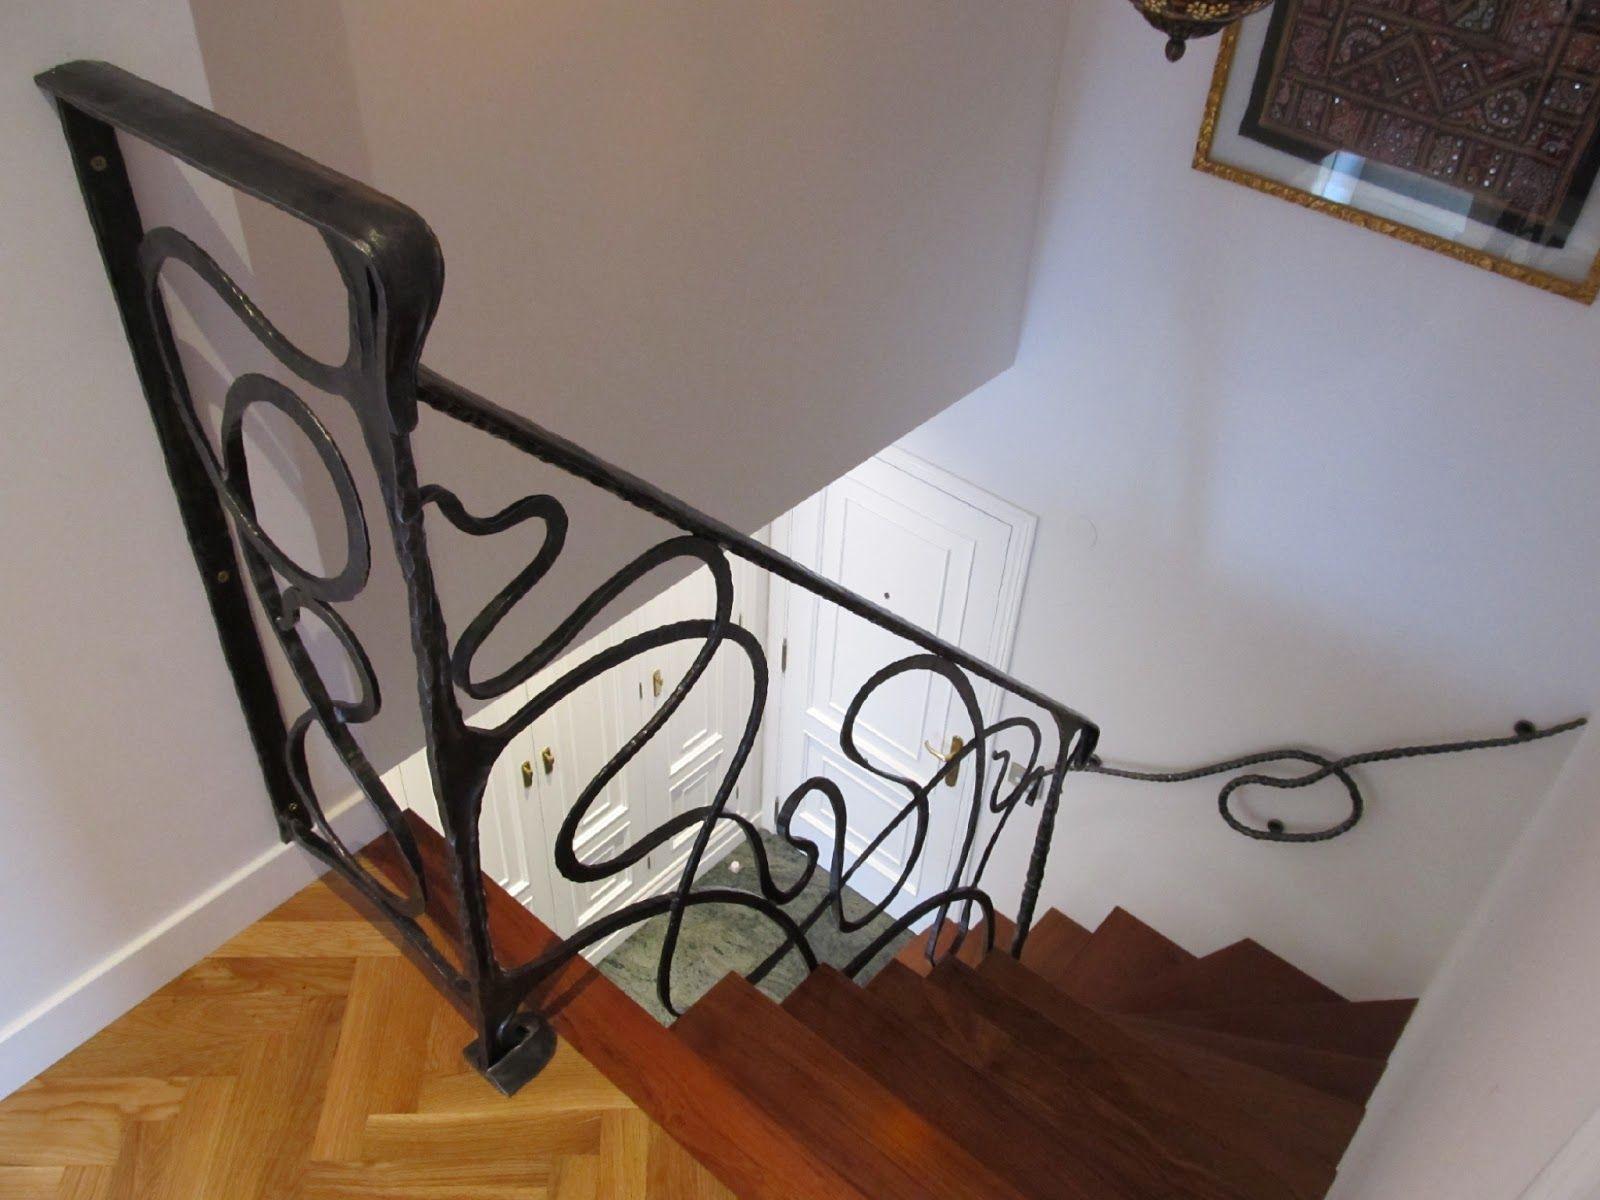 Http 1 Bp Blogspot Com 01gfqmd63ic Uafelmz5mwi Aaaaaaaaayq Ovbihgytr2g S1600 Img 2050 Jpg Home Decor Home Decor Decals Decor